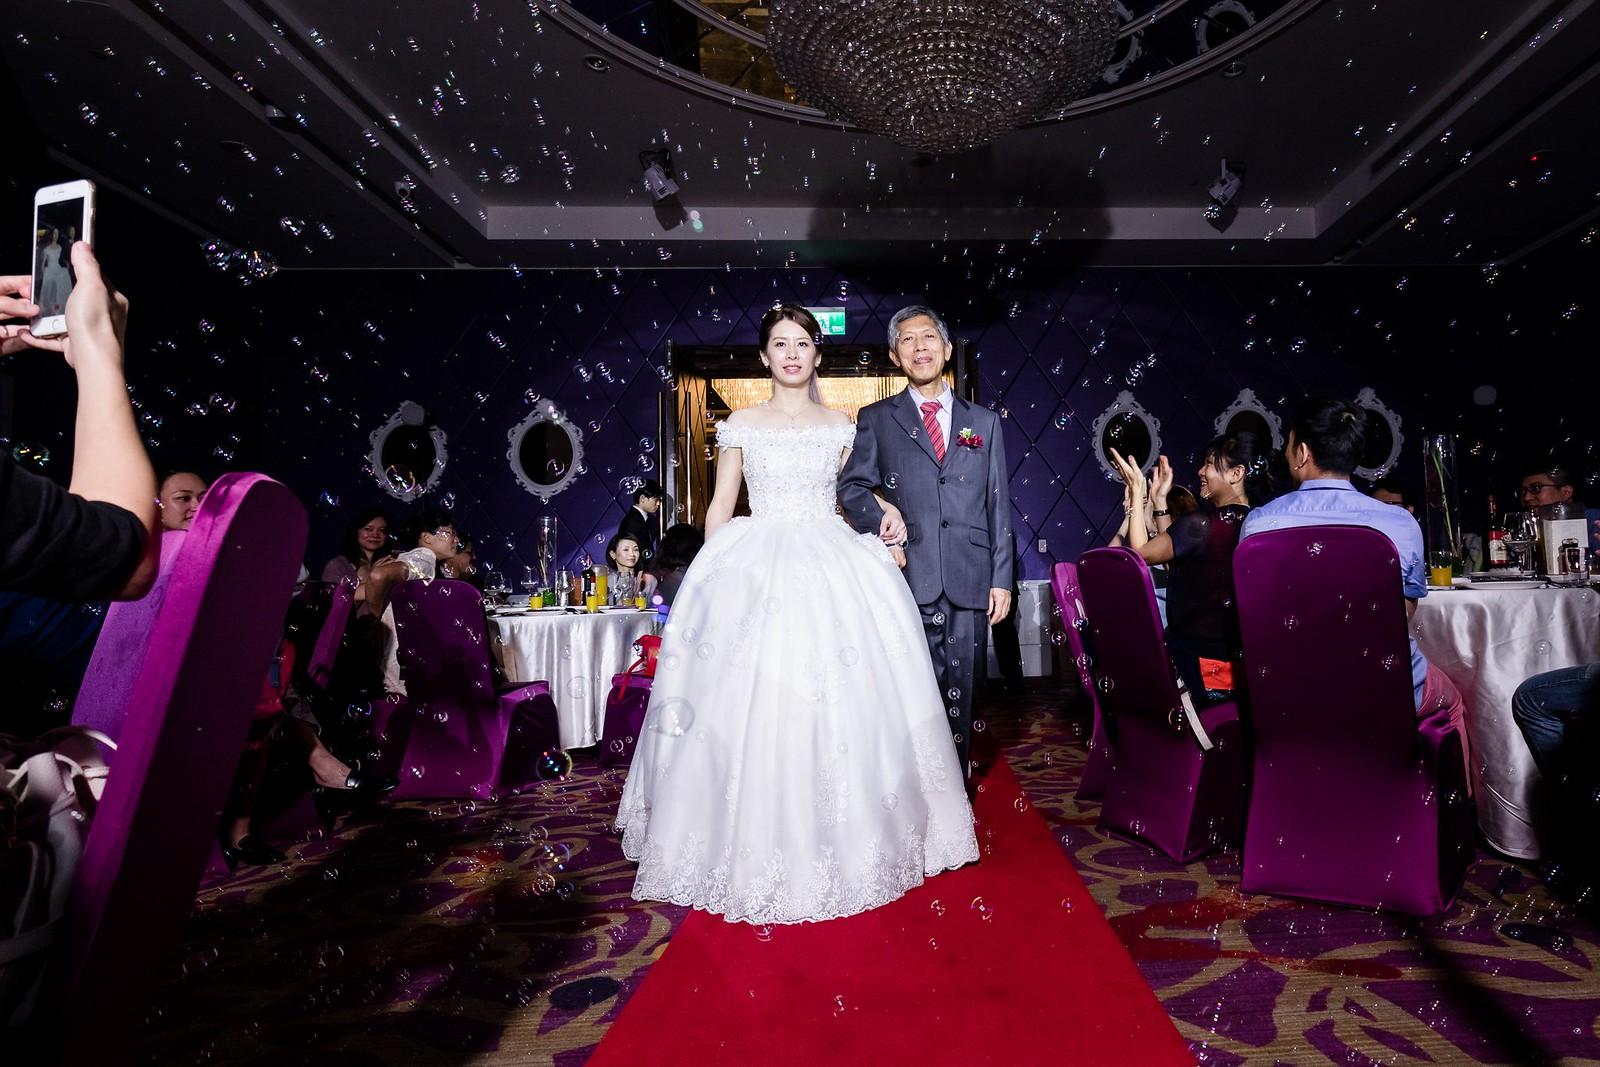 昱宏&千禾、婚禮_0475